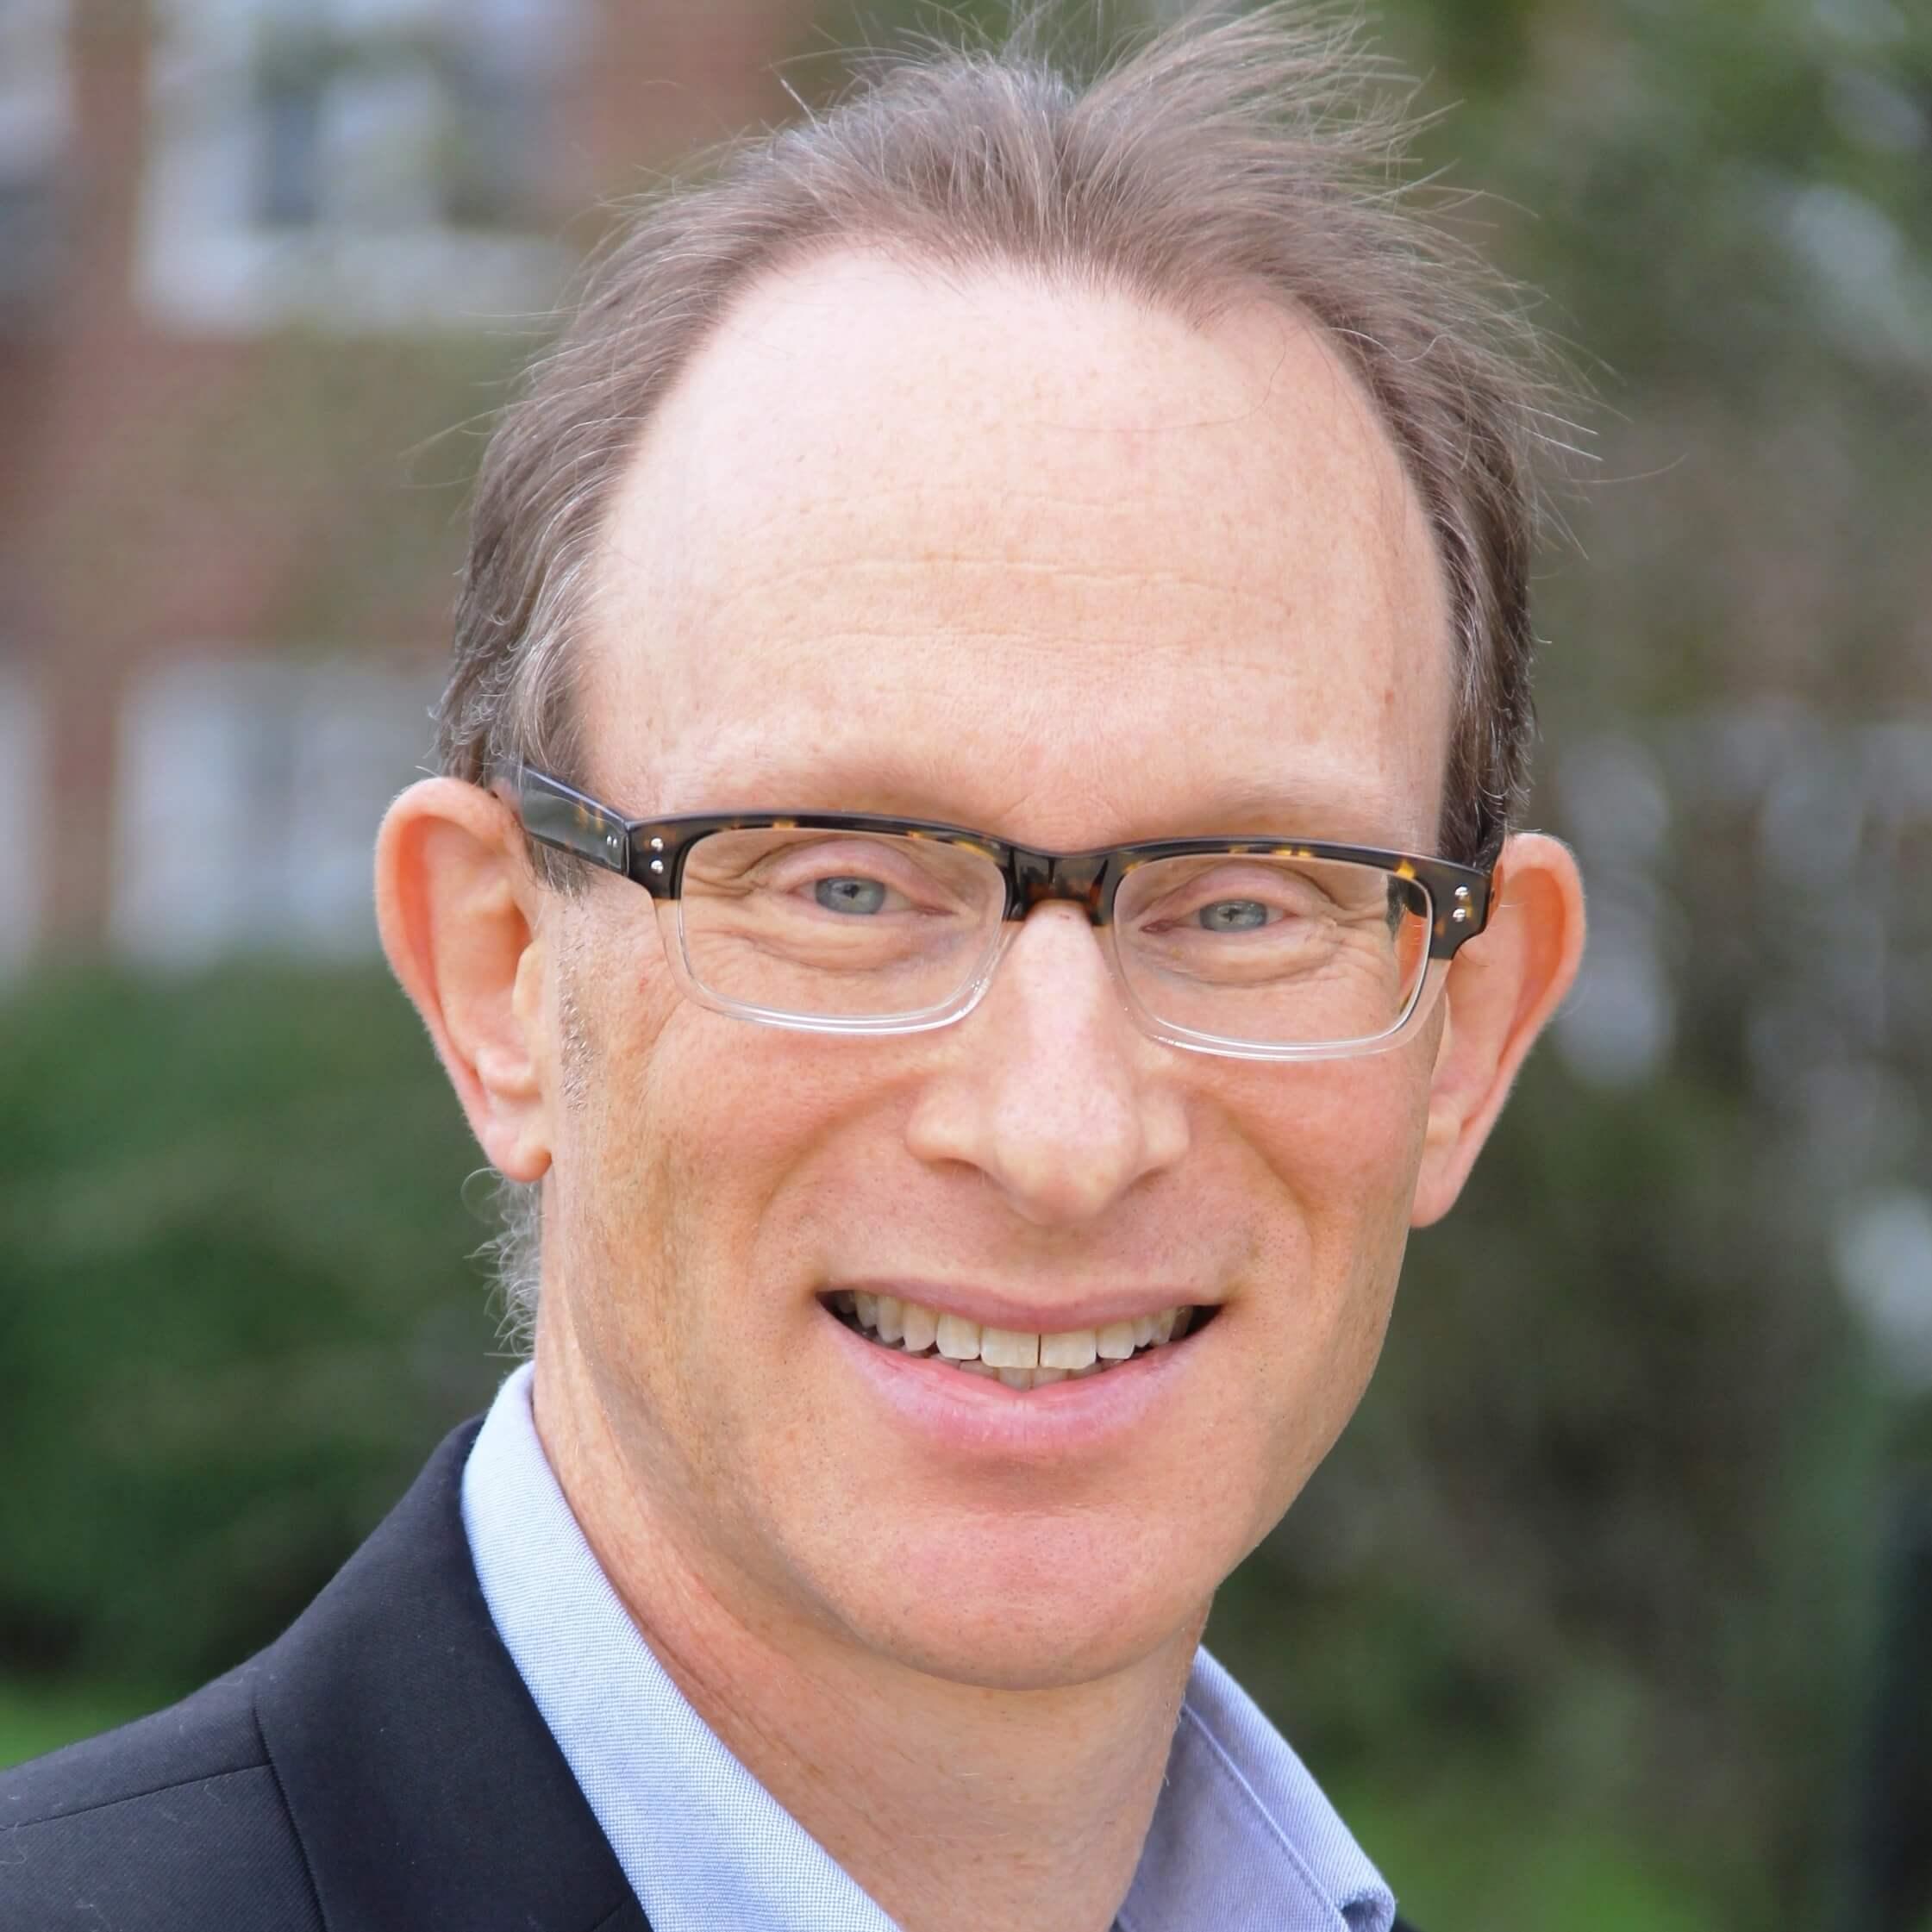 Dr. Stephen Herzberg, DDS